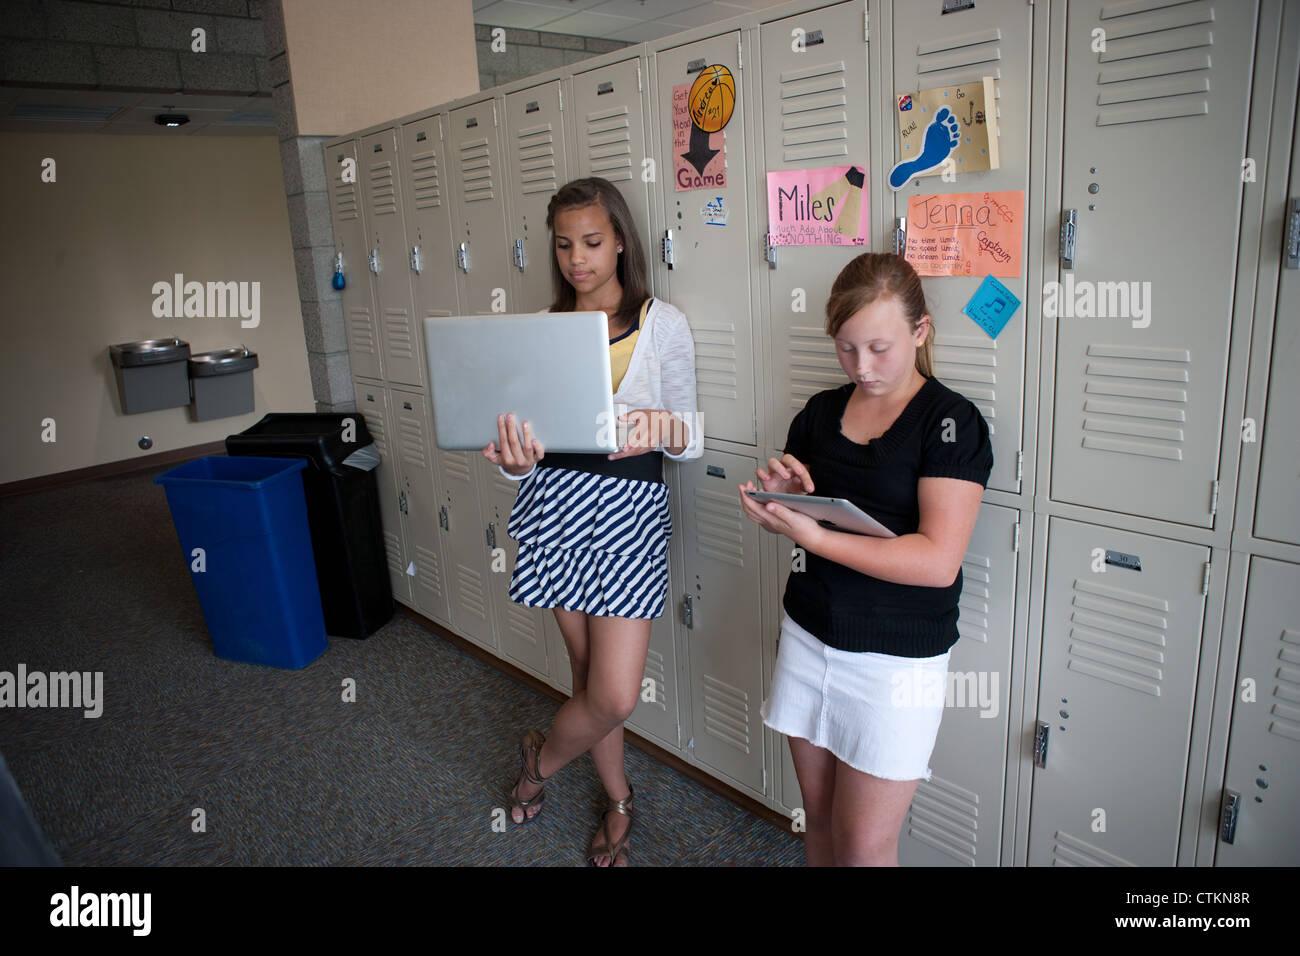 Meninas adolescentes usando o ipad e laptop na escola de nível médio corredor. Imagens de Stock